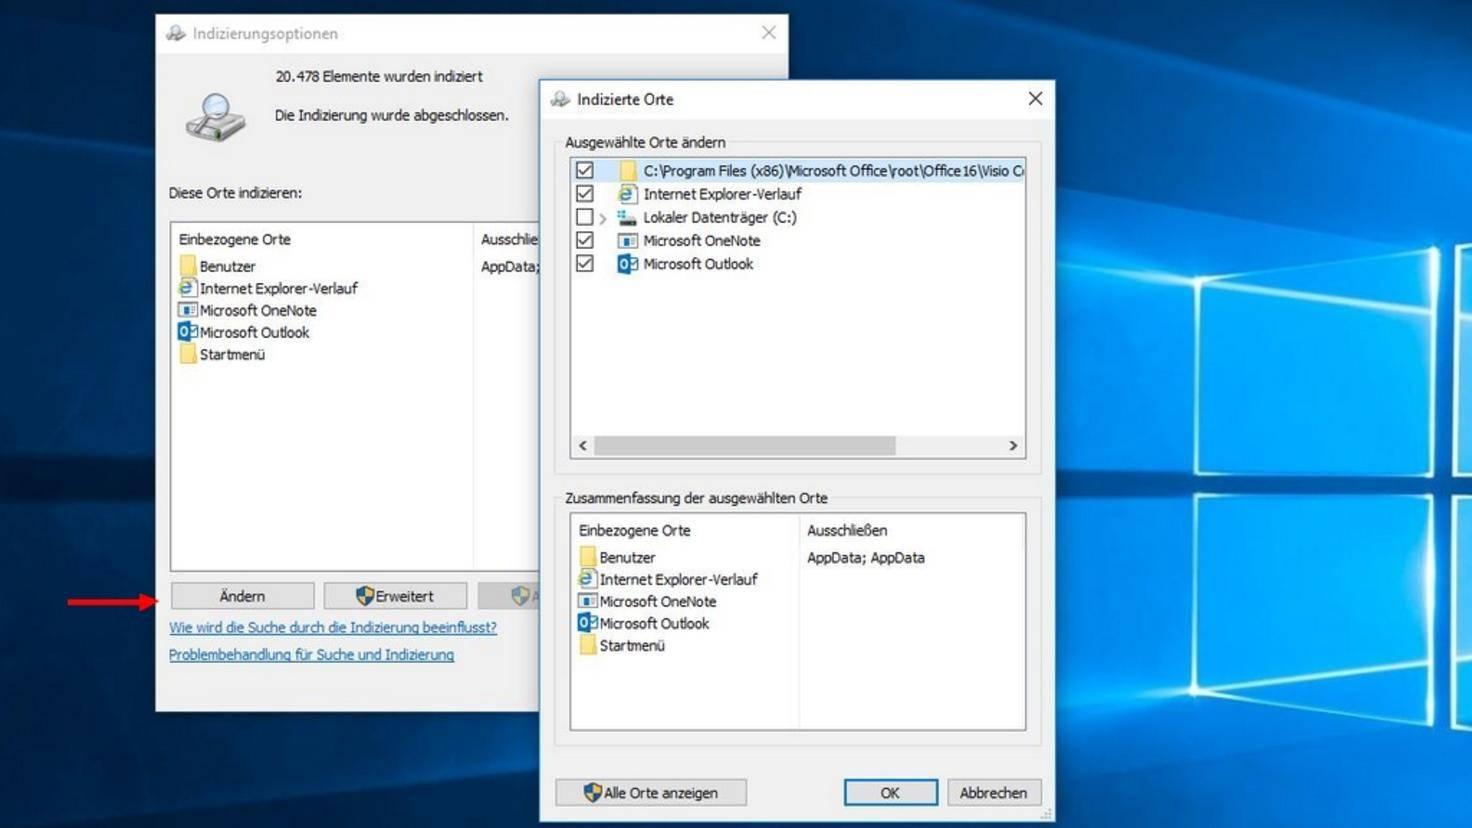 """Über die Schaltfläche """"Ändern"""" legst Du fest, welche Ordner Windows für standardmäßig durchforsten soll."""